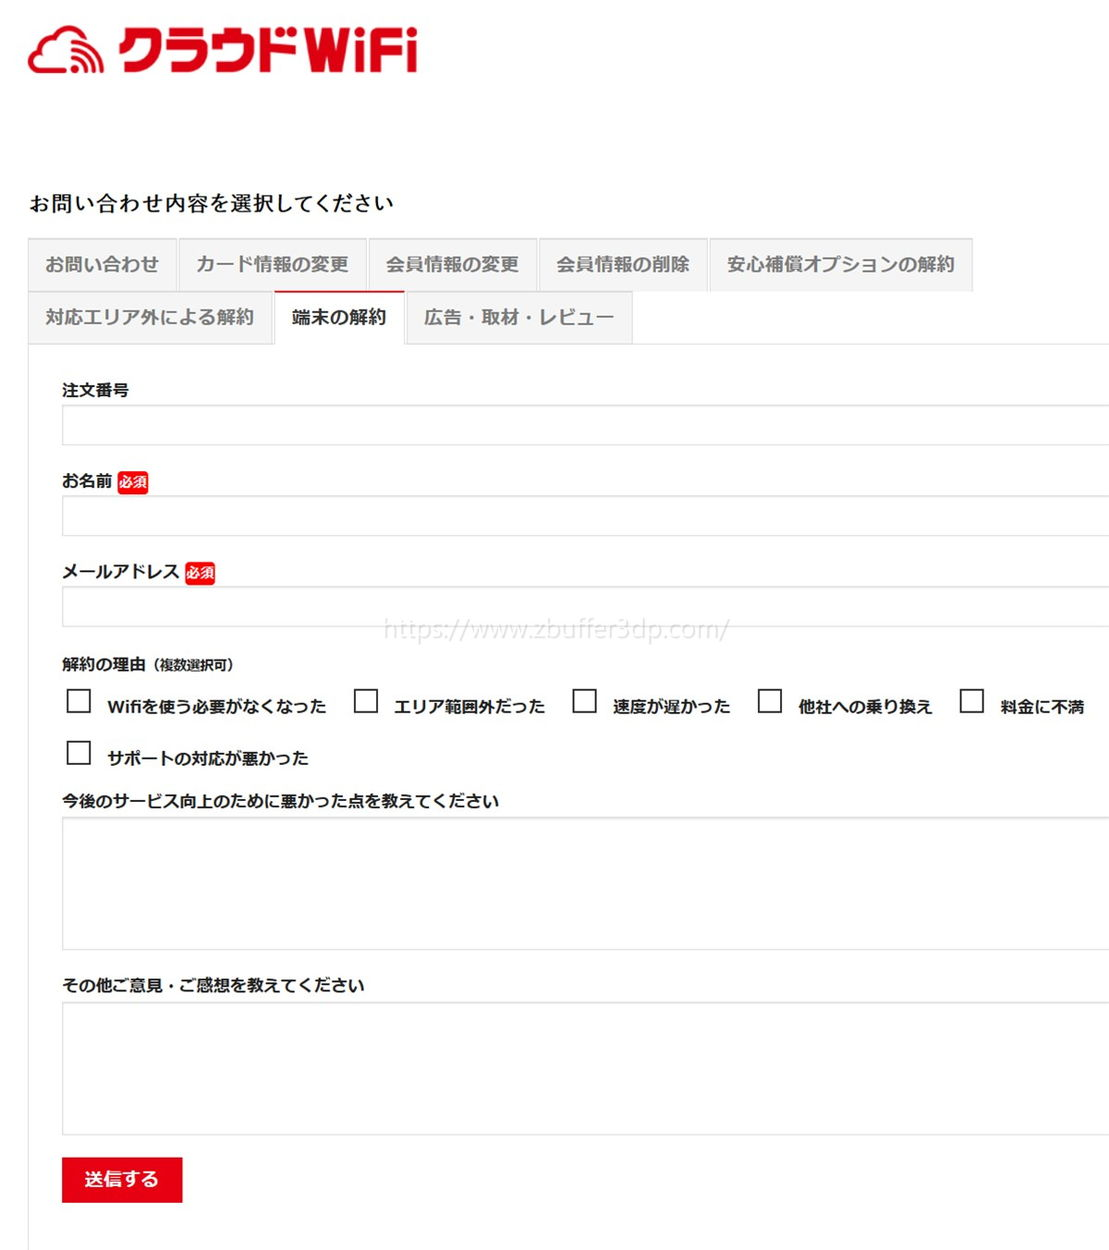 クラウドwifi東京を解約申請